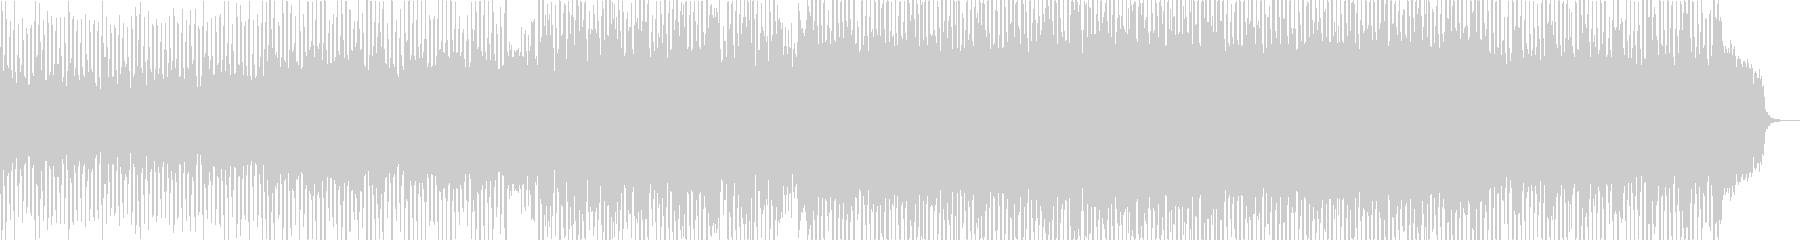 躍動感のある弾むようなシンセの曲の未再生の波形